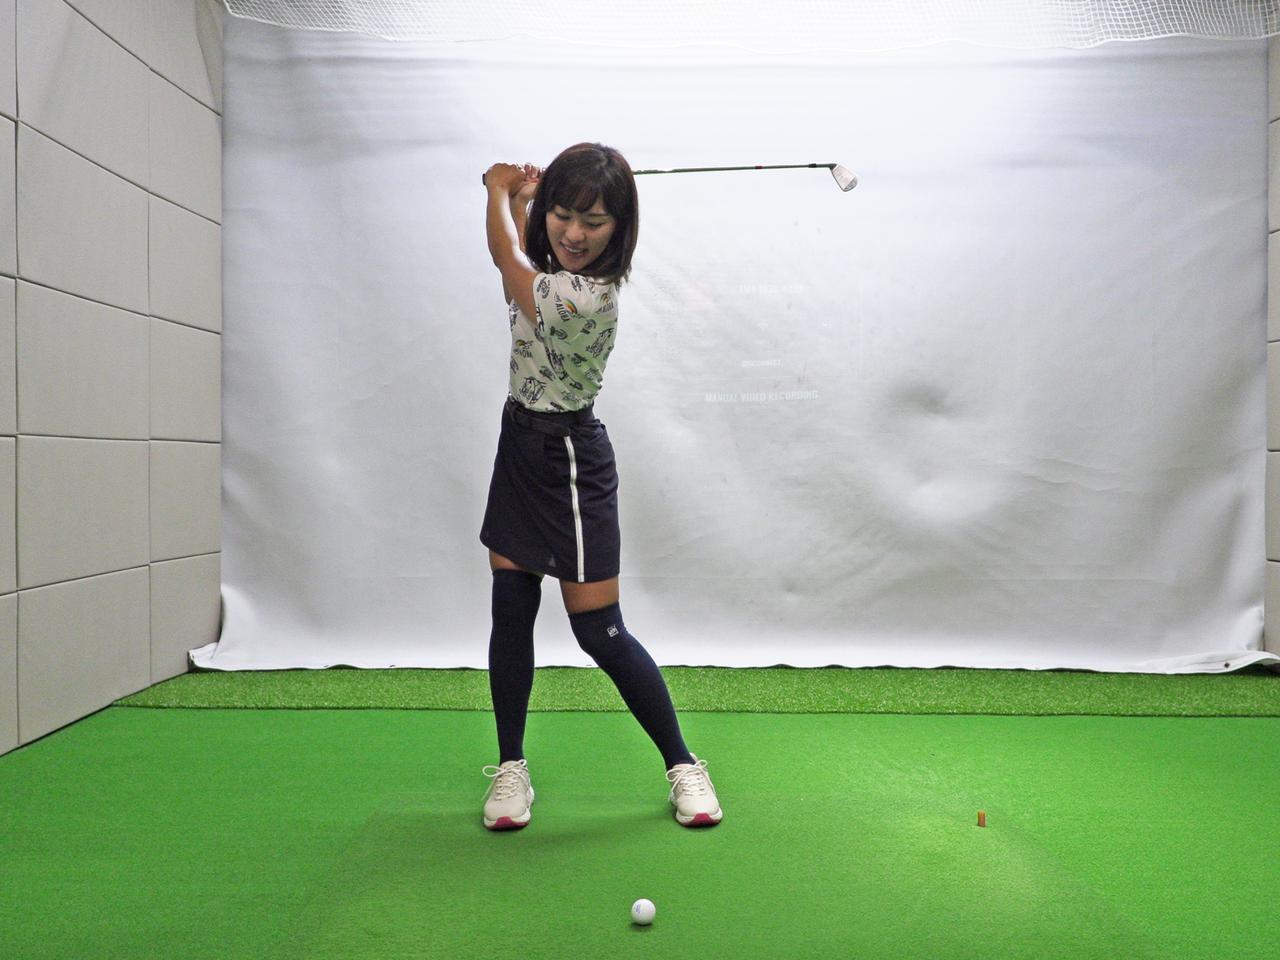 画像: 右軸タイプはアドレスで左4:右6で構え、バックスウィングで左3:右7と大きく右に乗る。このとき右腰のスゥエイによって頭も動くが、体を回せていれば横ではなく後ろ側へ右腰を引く動きになり、体の軸は保たれる